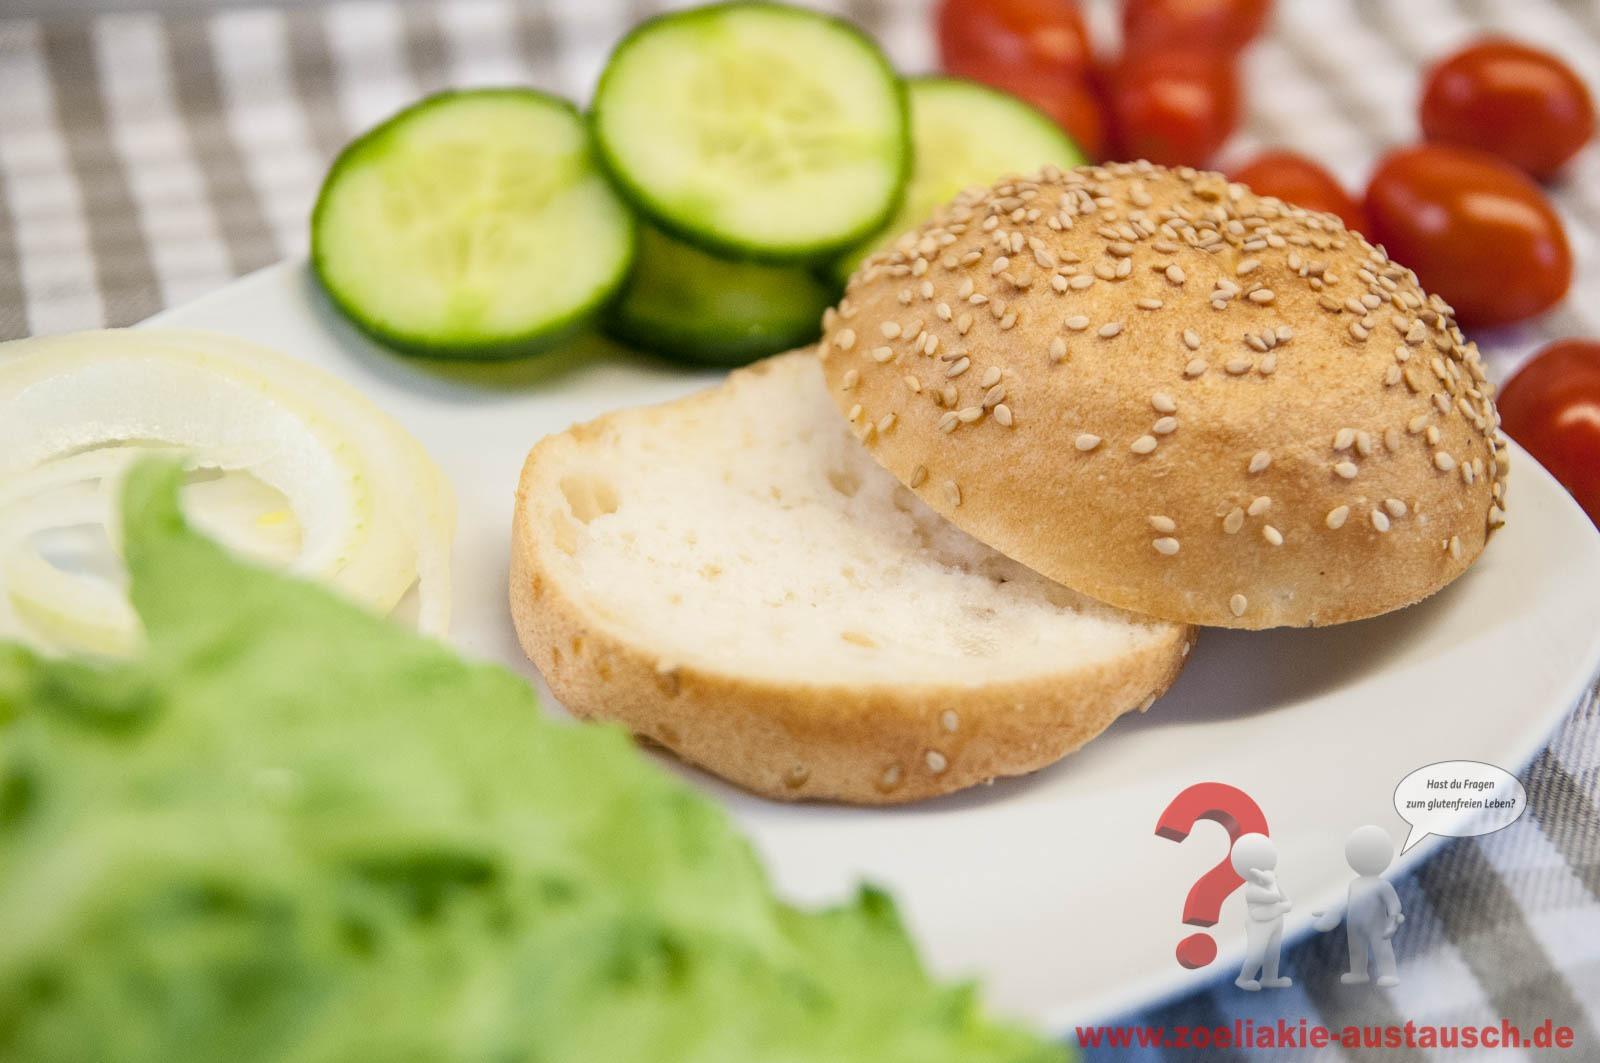 Zoeliakie-Austausch_Schnitzer_Burger_Broetchen_02